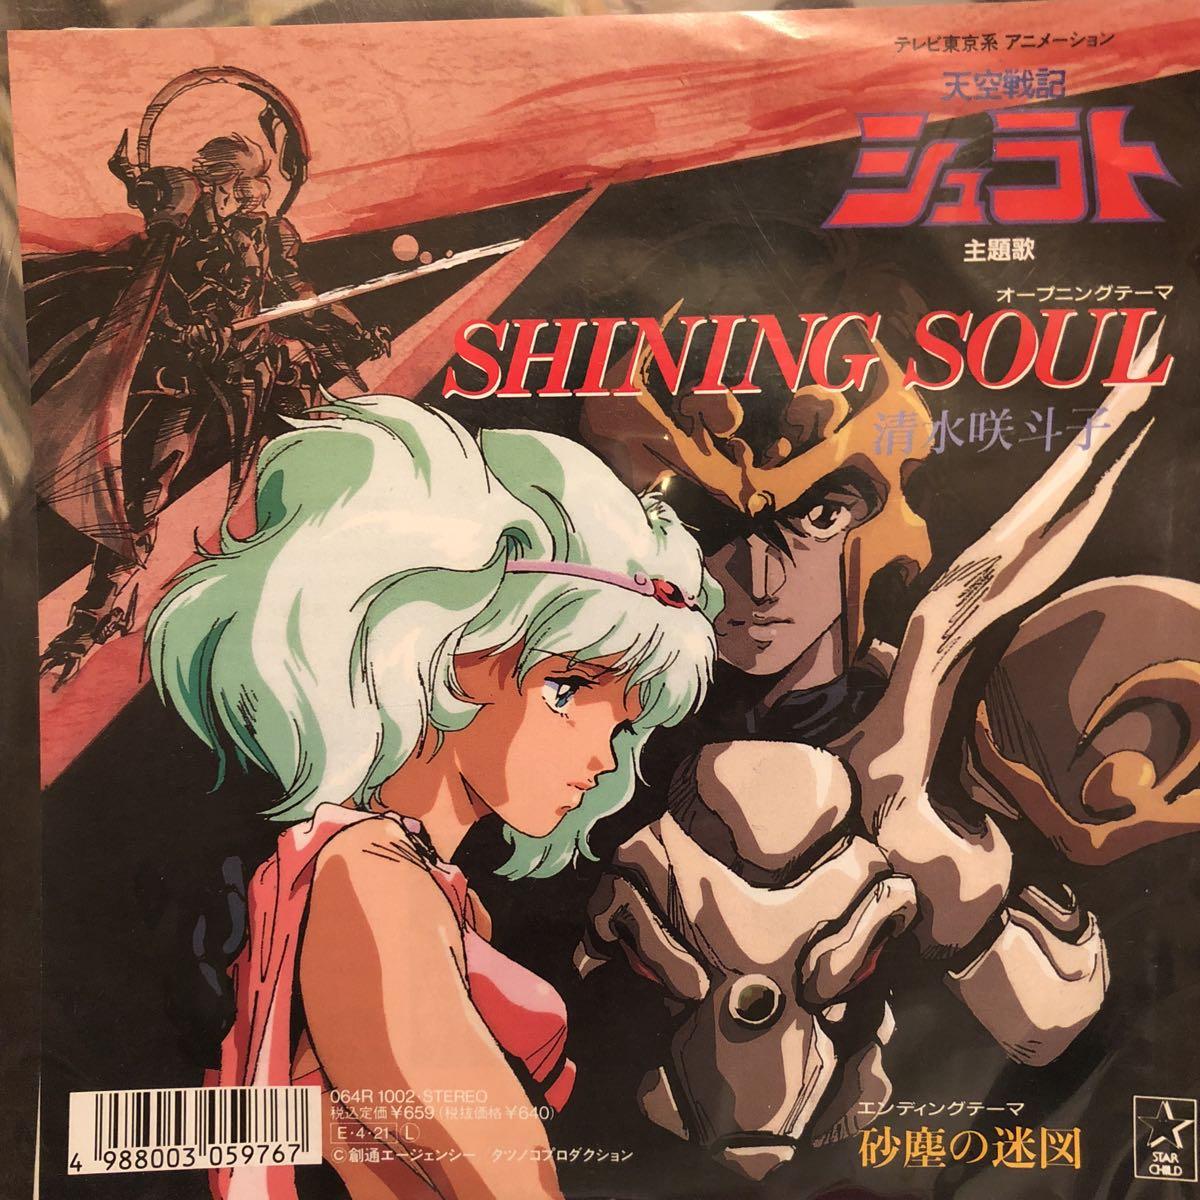 天空戦記シュラト主題歌 清水咲斗子/SHINING SOULアナログレコードEP